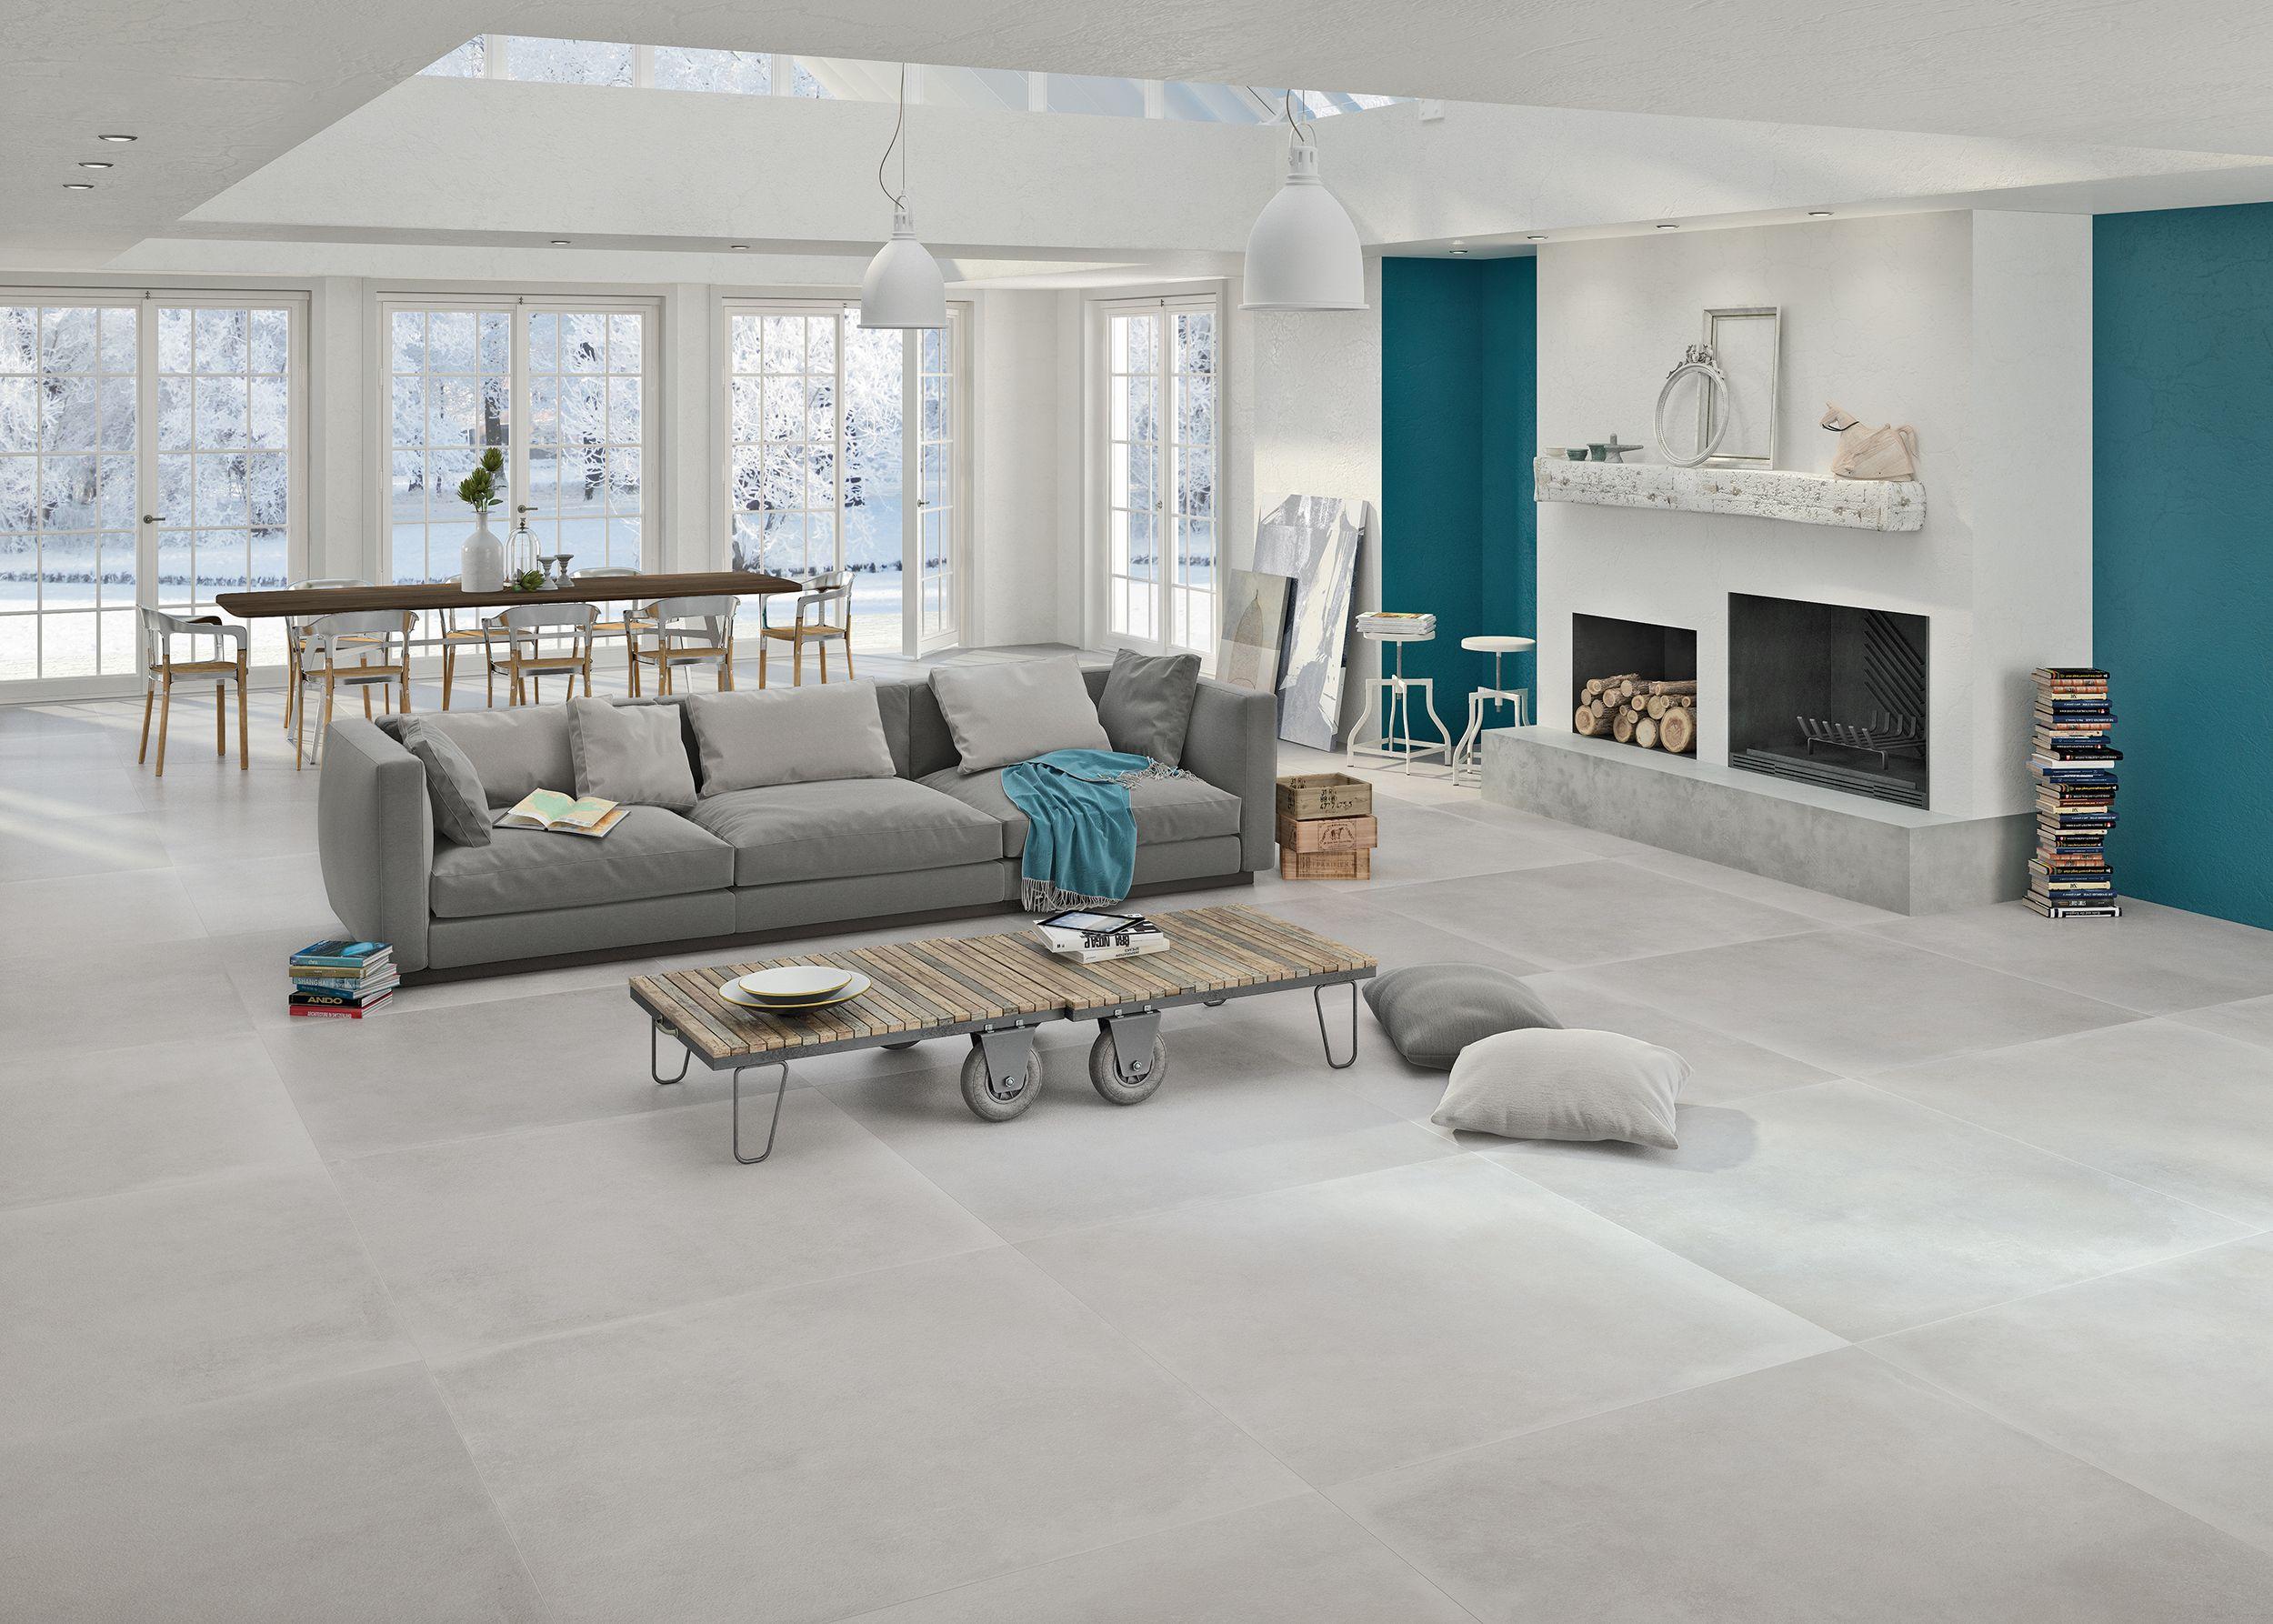 Vloertegels in 120x120 in een mooie grijze tint (03), tegelhuys ...